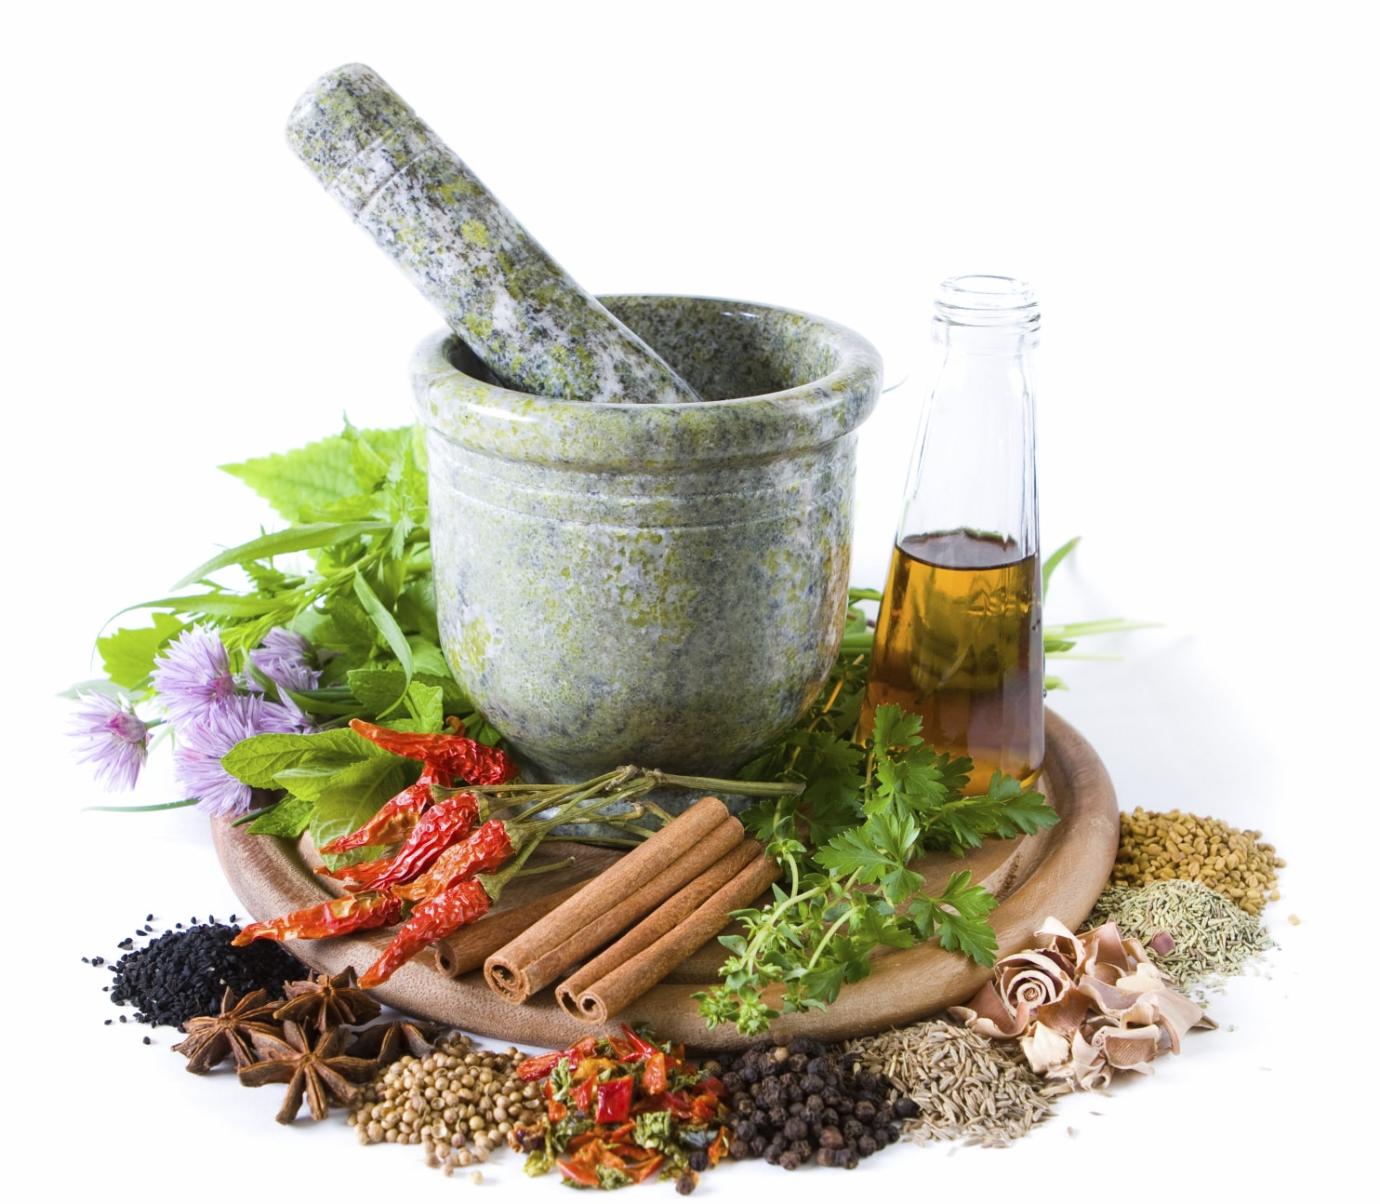 công dụng và tác dụng chữa bệnh của cây thuốc nam